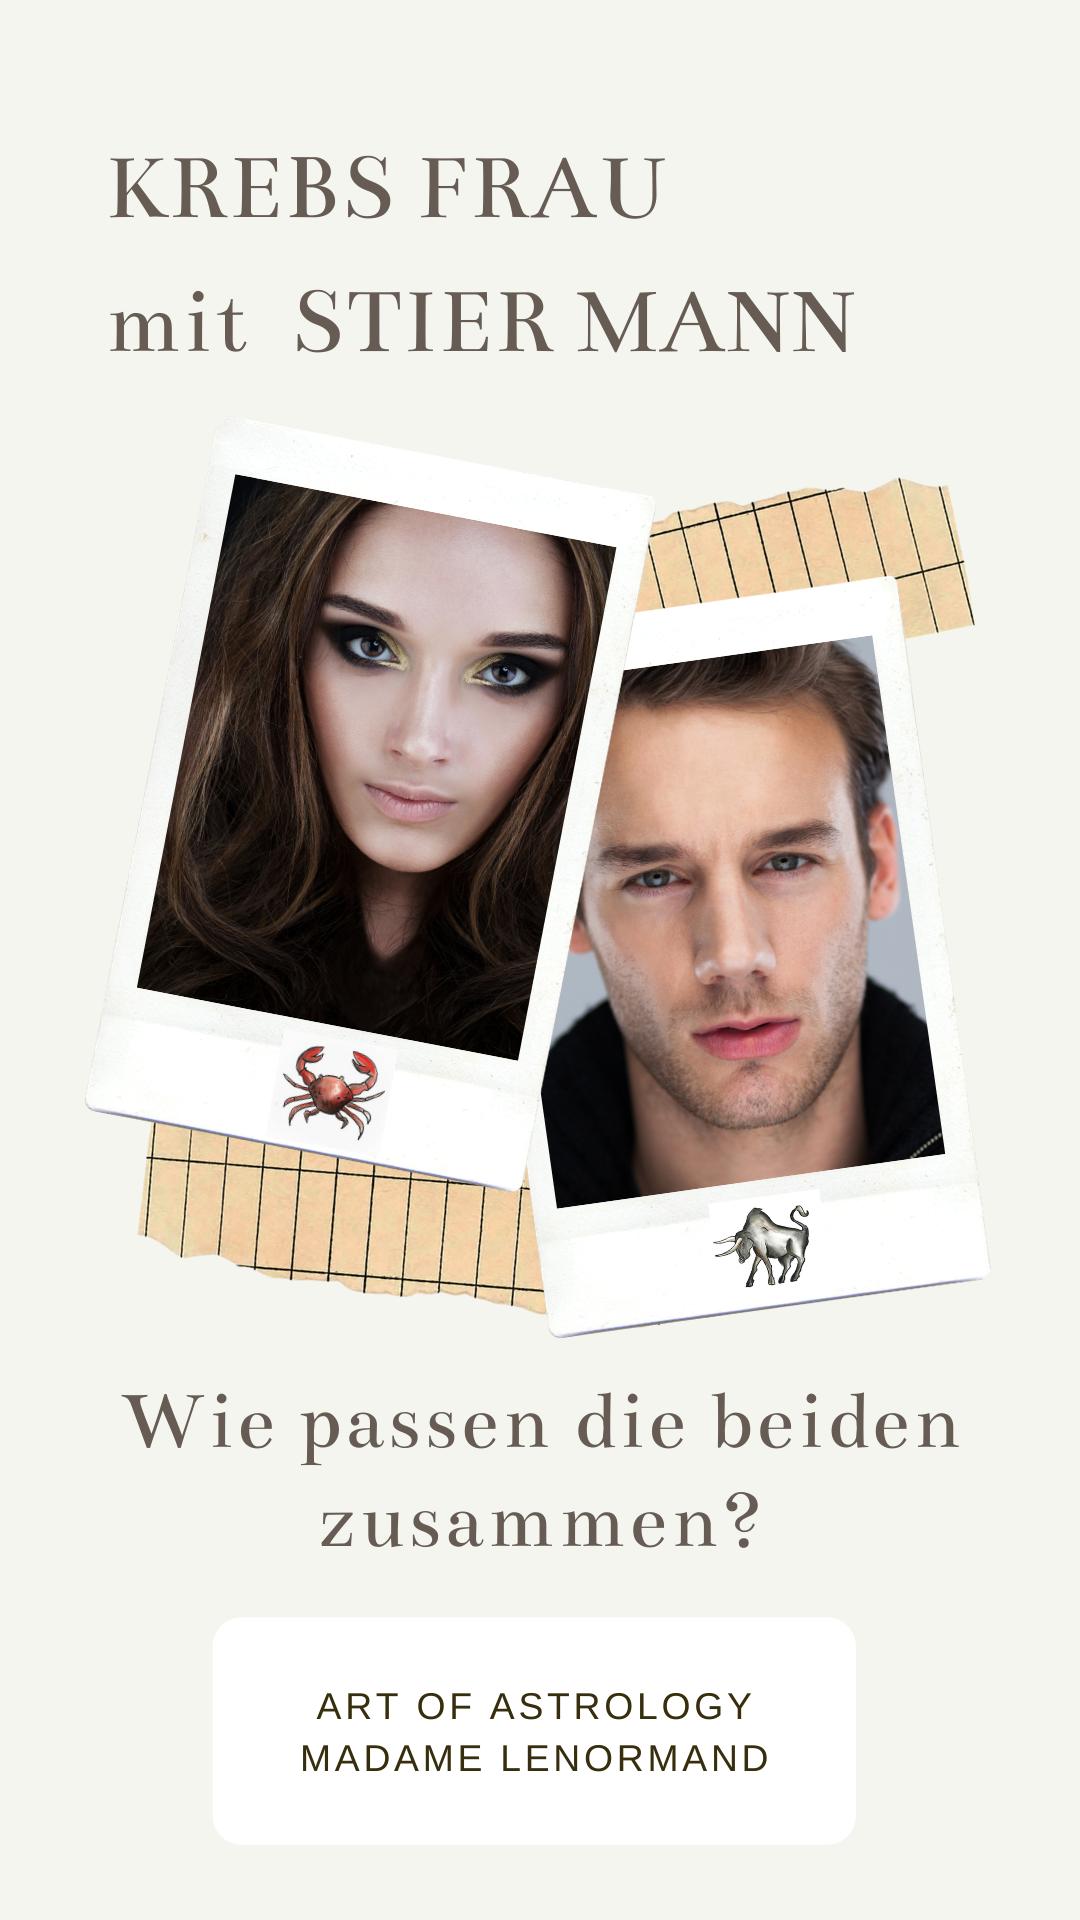 Stier-Mann & Krebs-Frau Liebe | Stier mann, Stier